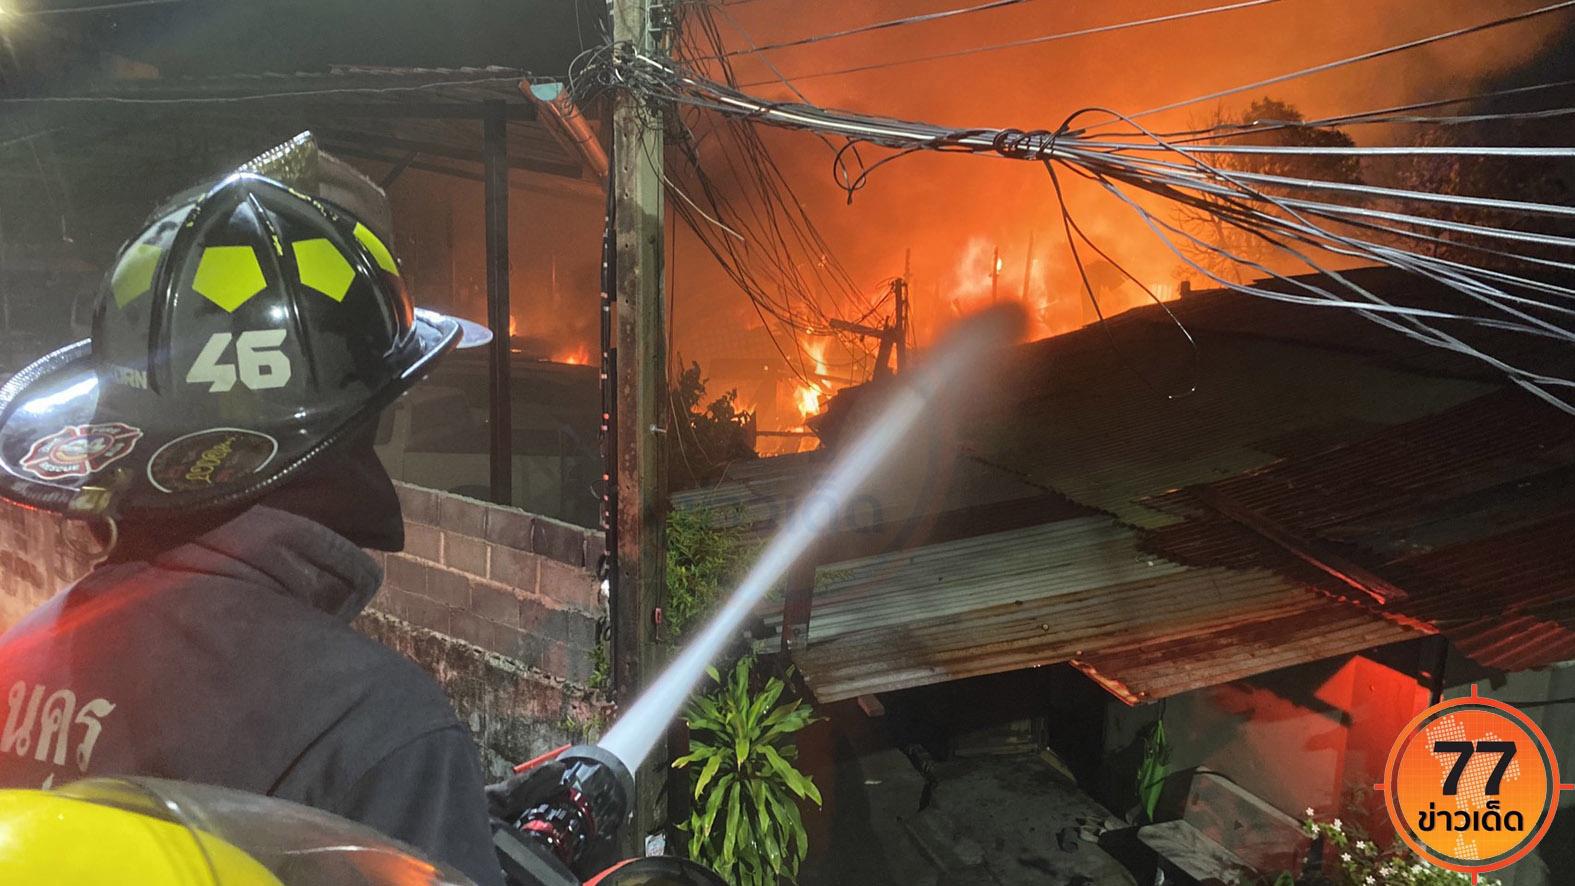 ไฟไหม้ชุมชนคลองตาเค็ดฝั่งตะวันตกสายลวดซอย 1 วอด 3 หลังคาเรือนรถยนต์เสียหายกว่า 10 คัน